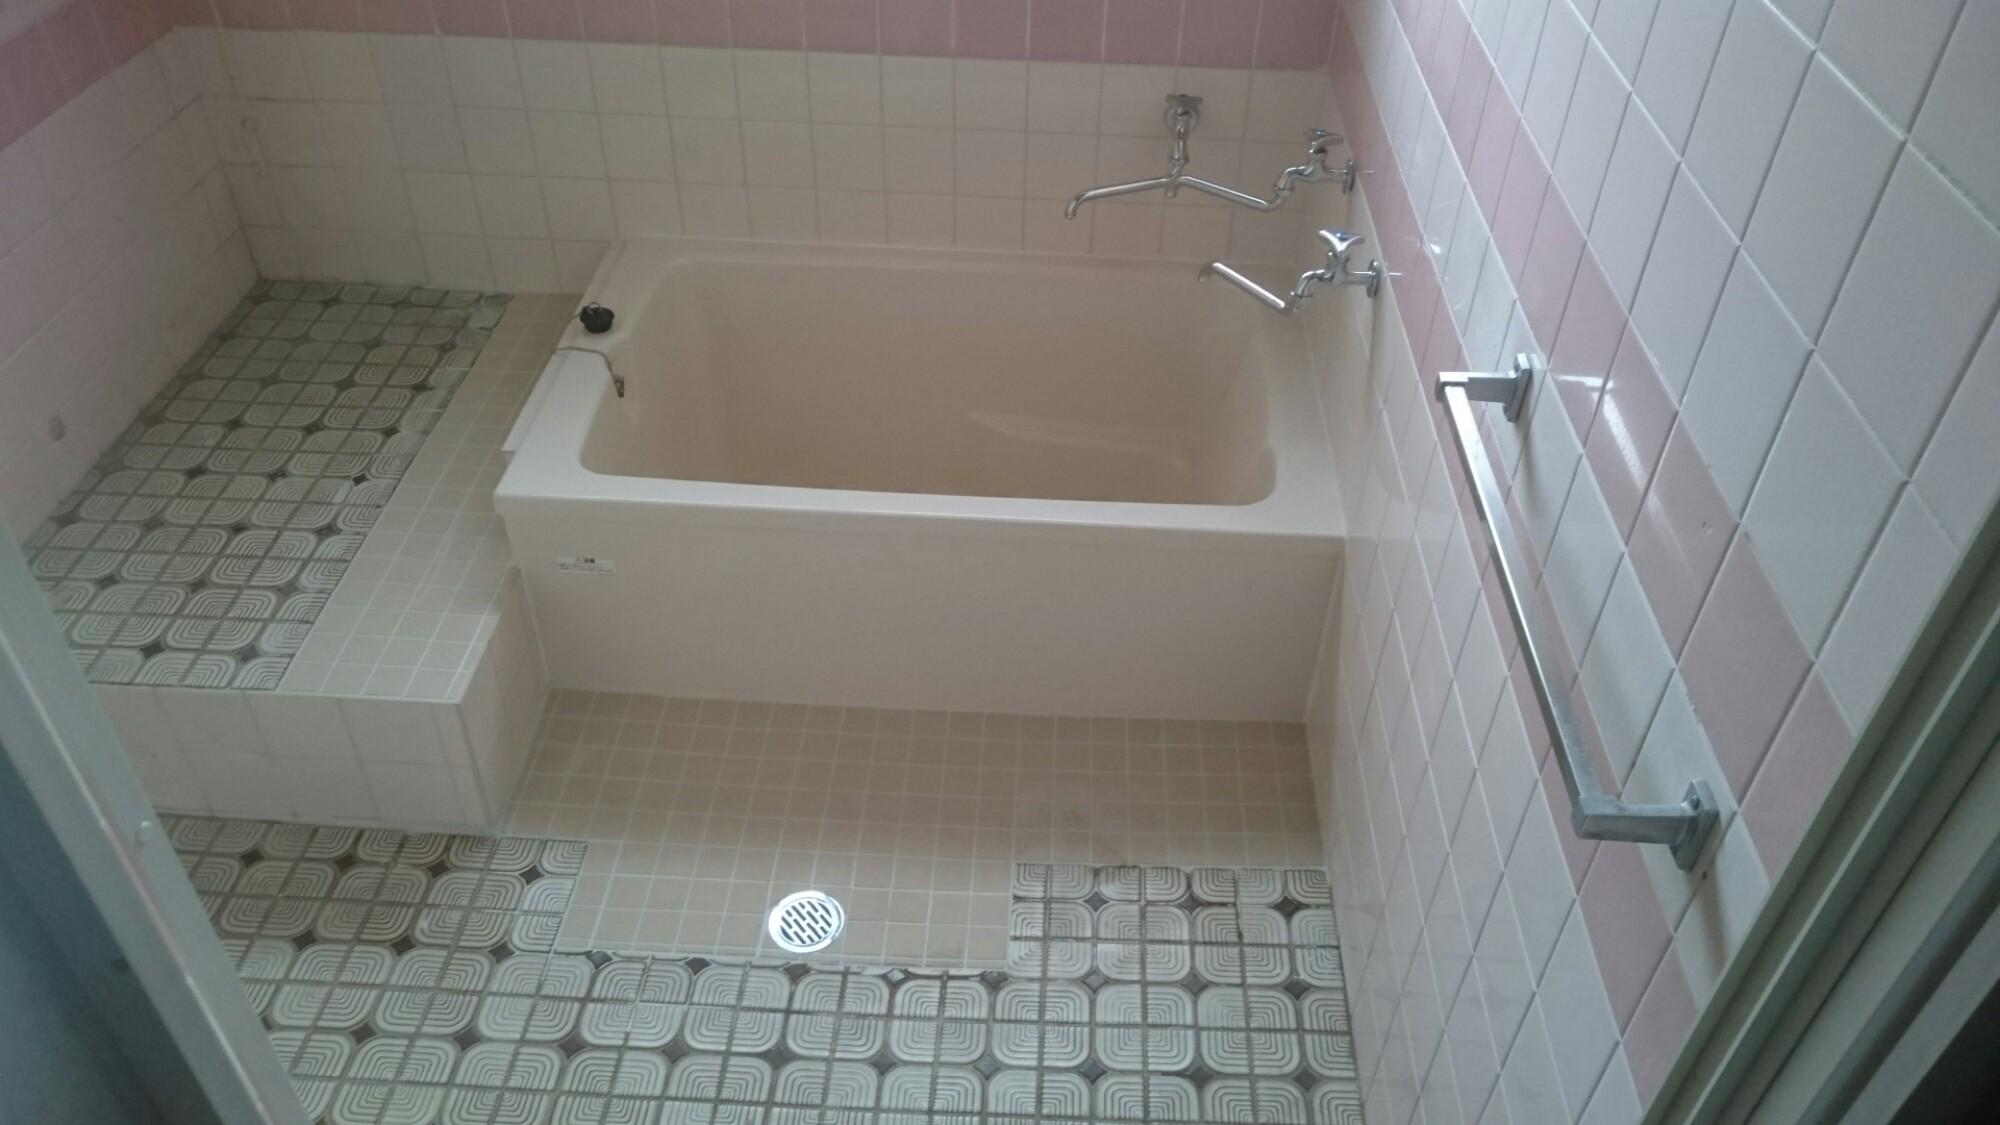 西条市 浴槽入替え タイル補修リフォーム 施工後